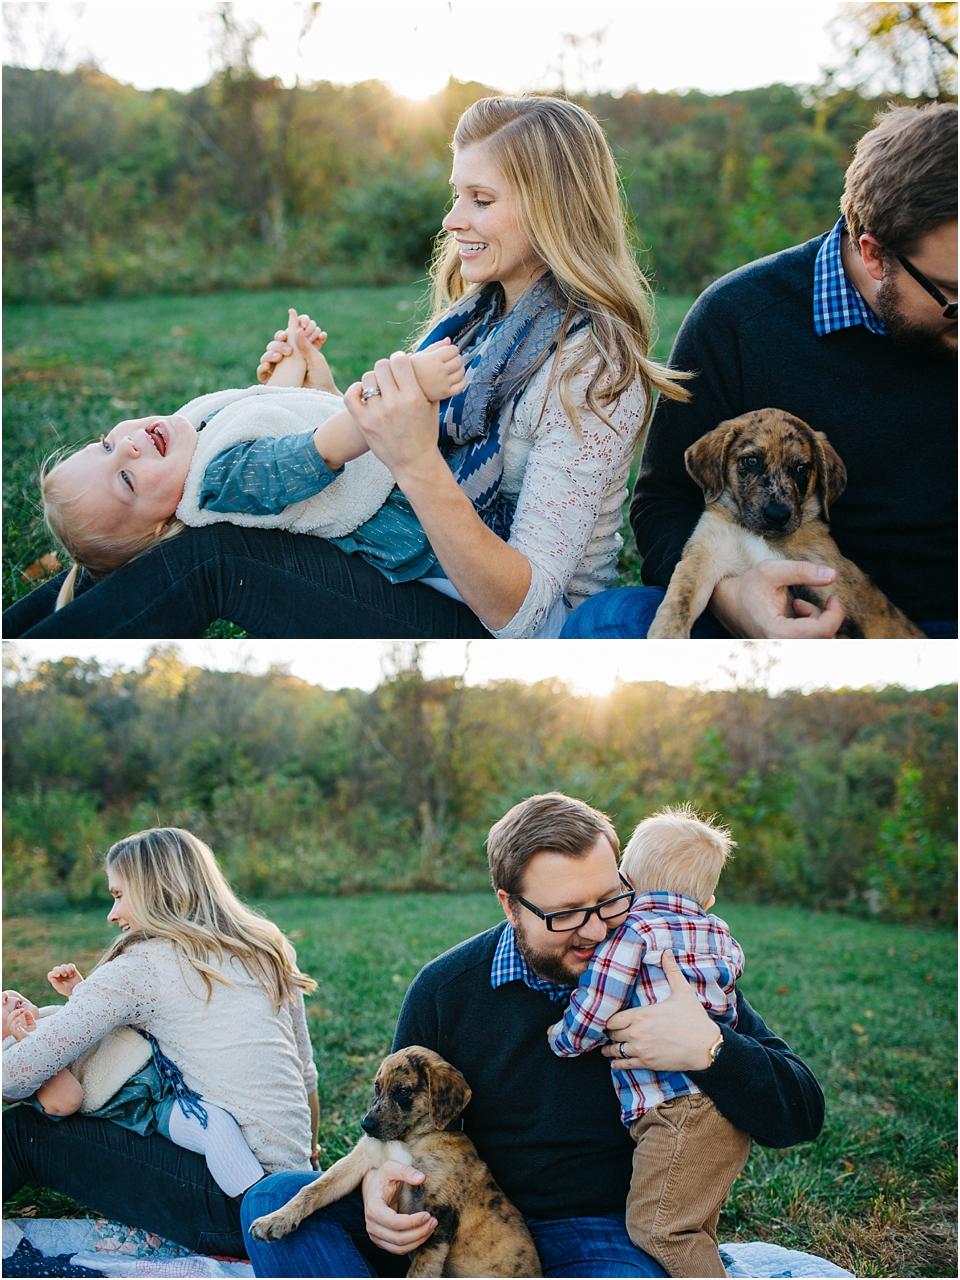 kansascitybestfamilyphotographer_0102